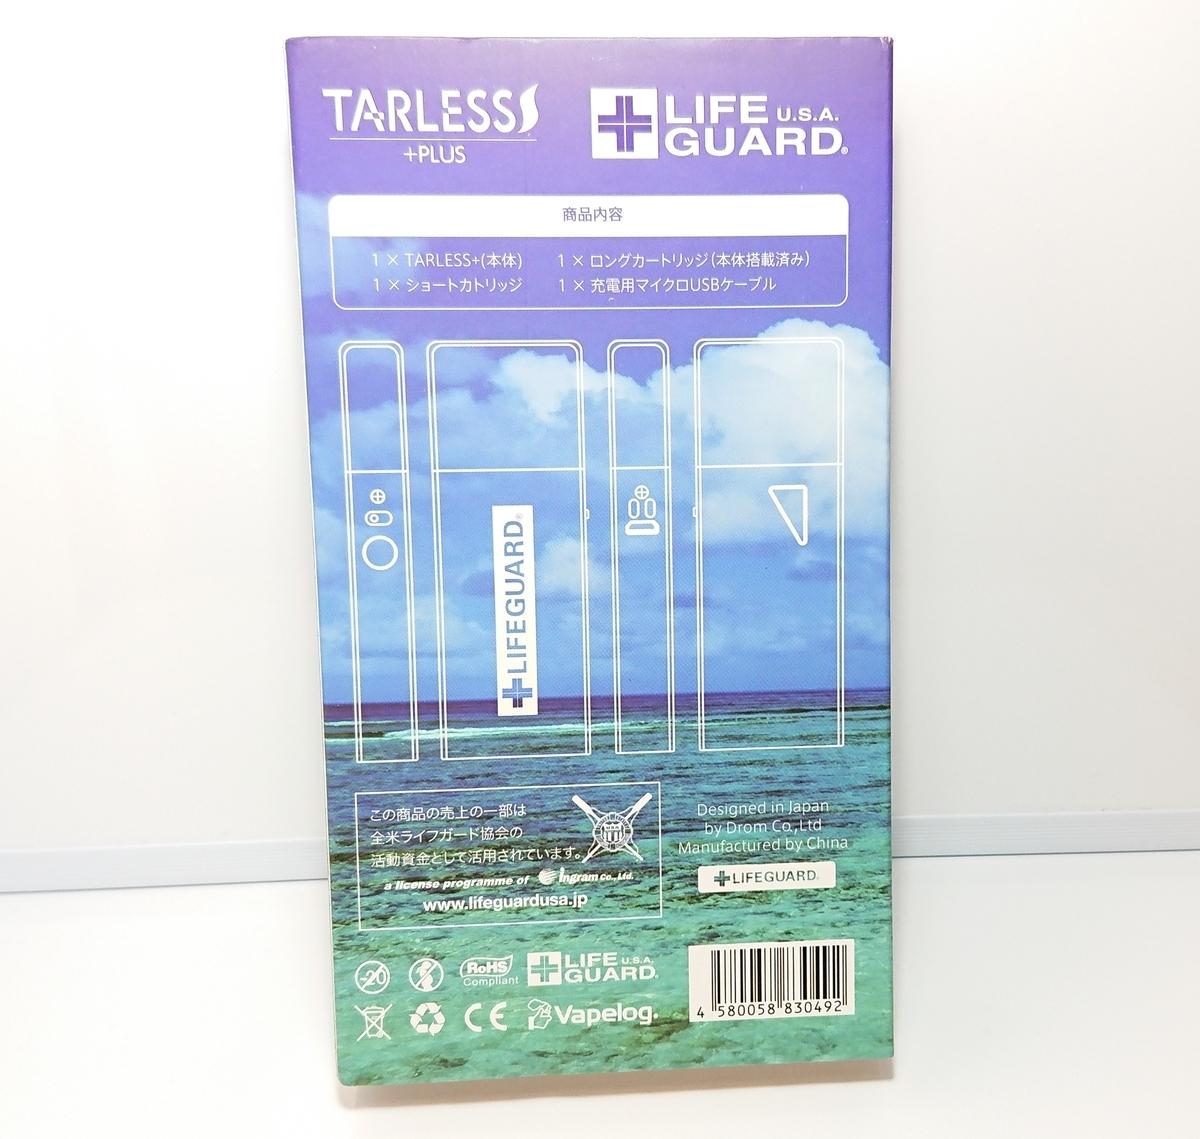 20191001152043 - TARLESSが進化したTARLESS PLUS(ターレスプラス)レビュー!節煙、禁煙対策、プルームテック互換【令和式電子タバコ】